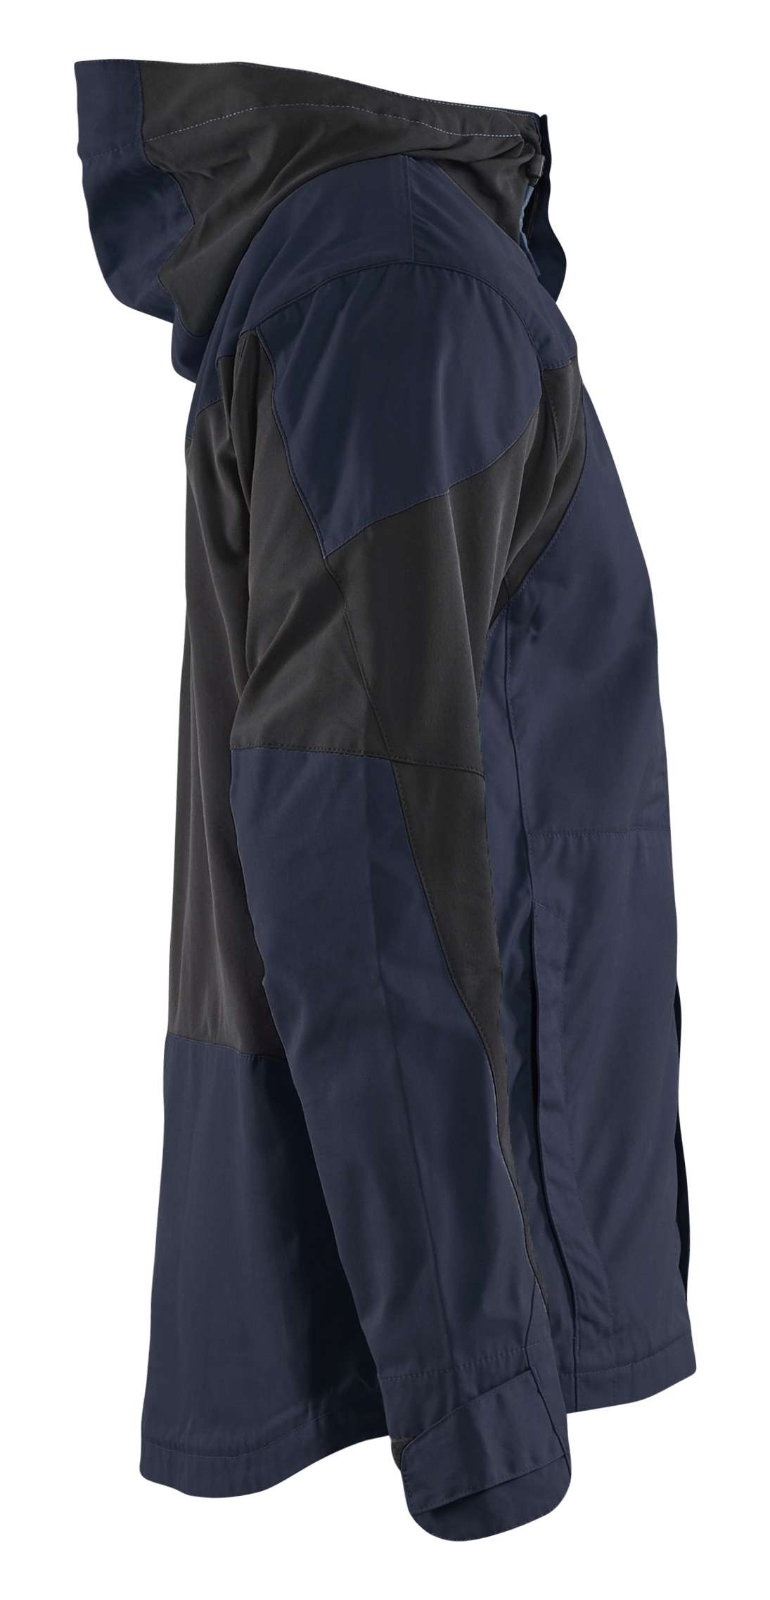 Blaklader Jassen 47591846 donker marineblauw-zwart(8699)